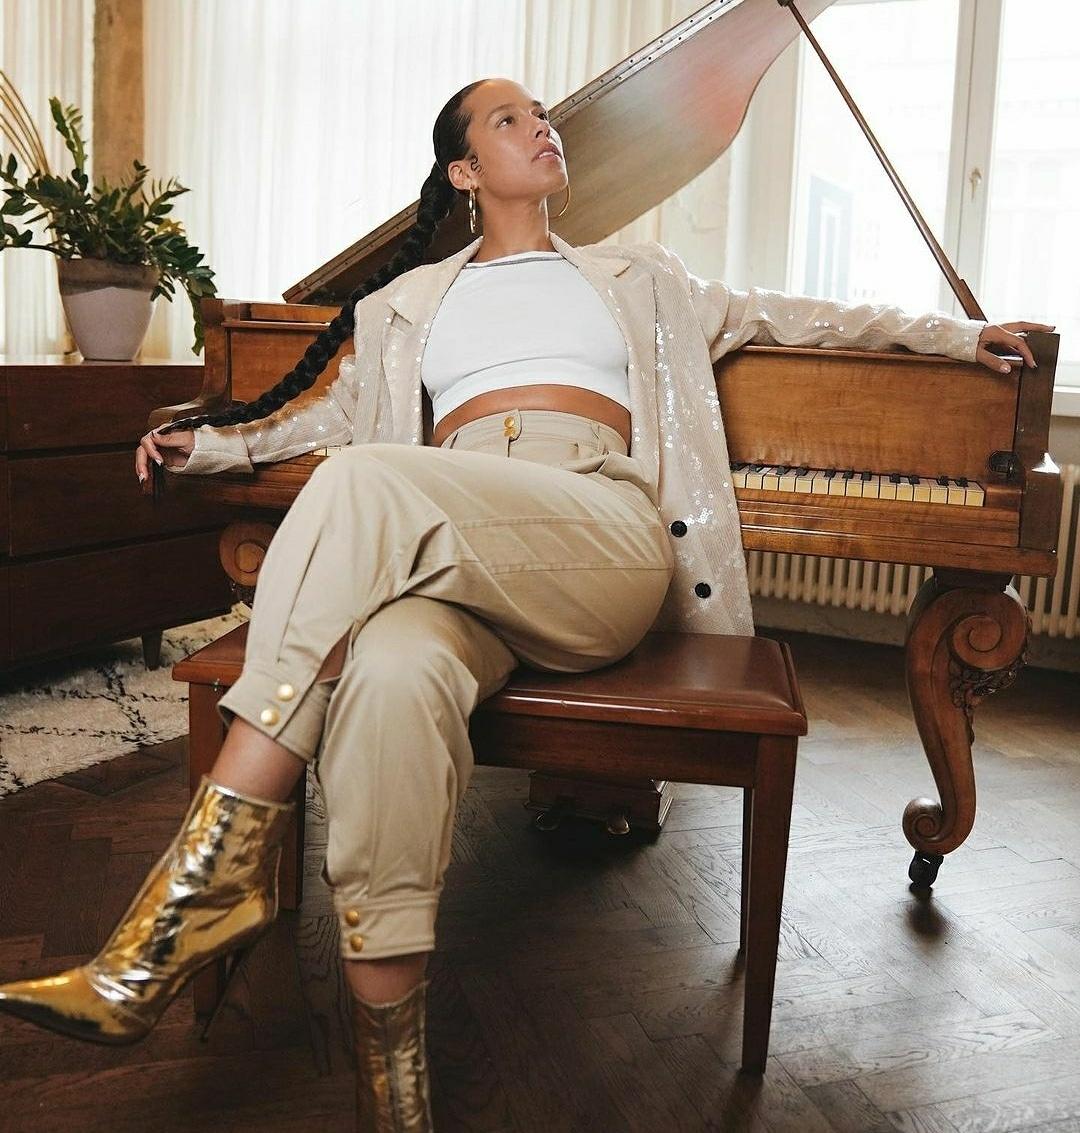 Alicią Keys jest moją idolką od czasu, gdy byłam mała lubiłam słuchać jej piosenek.🎶❤️🎹  Alicia Keys is my idol since I was little girl I liked listening to her songs. 🎶🎹❤️  #idol #love #concert #music #singer #happy #fan #koncert  #kocham #performance https://t.co/1JFTBY1UhP